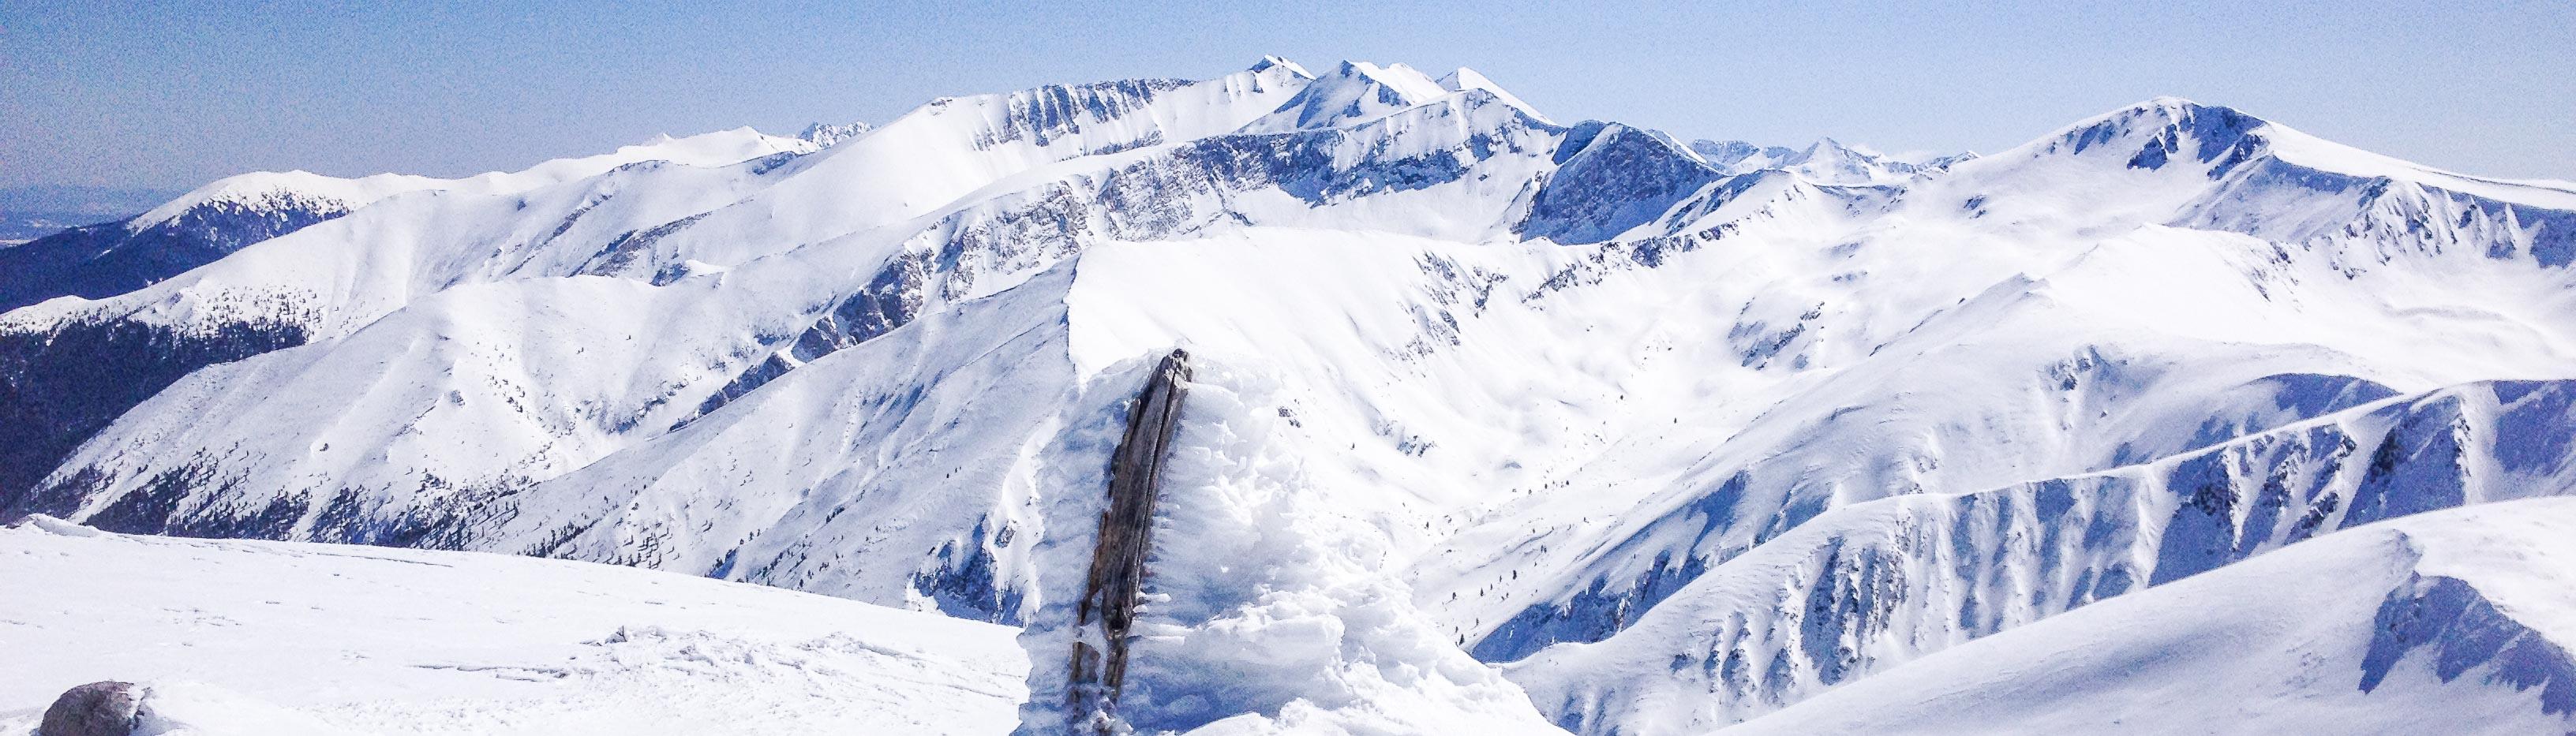 skitouren bulgarien